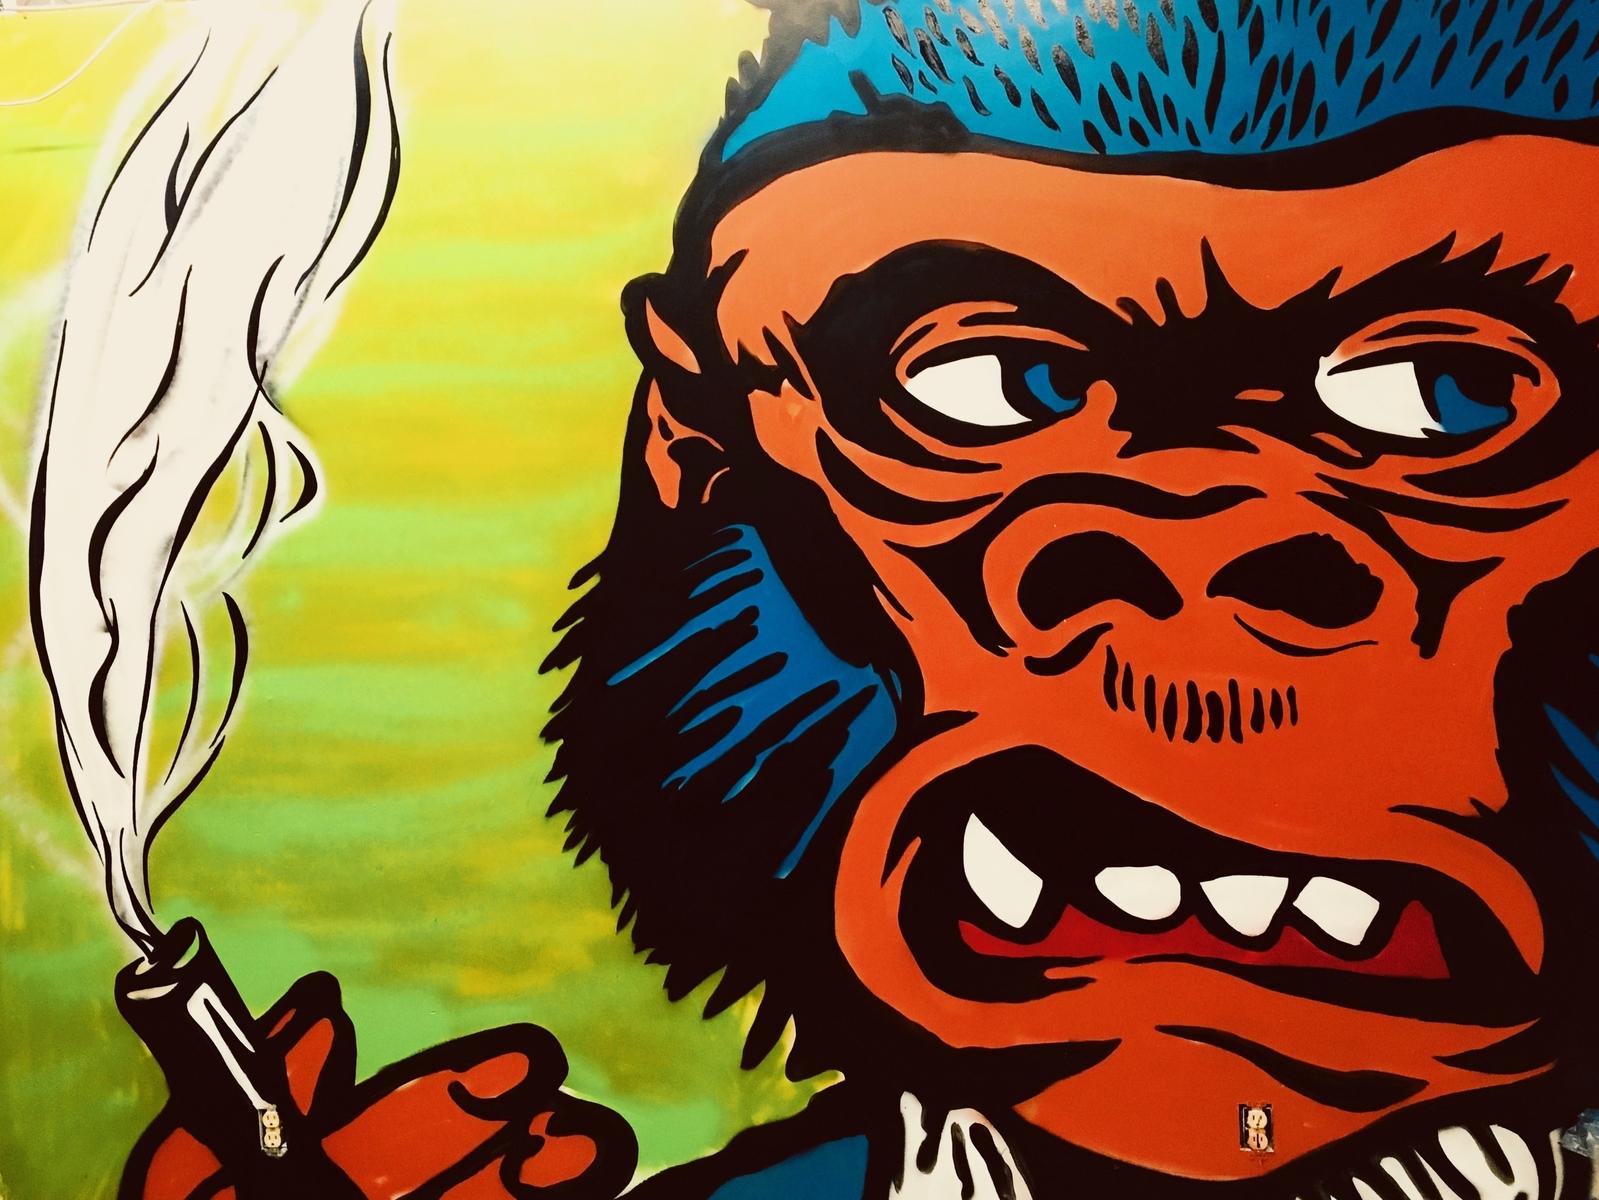 smokin monkey by jake walker dribbble